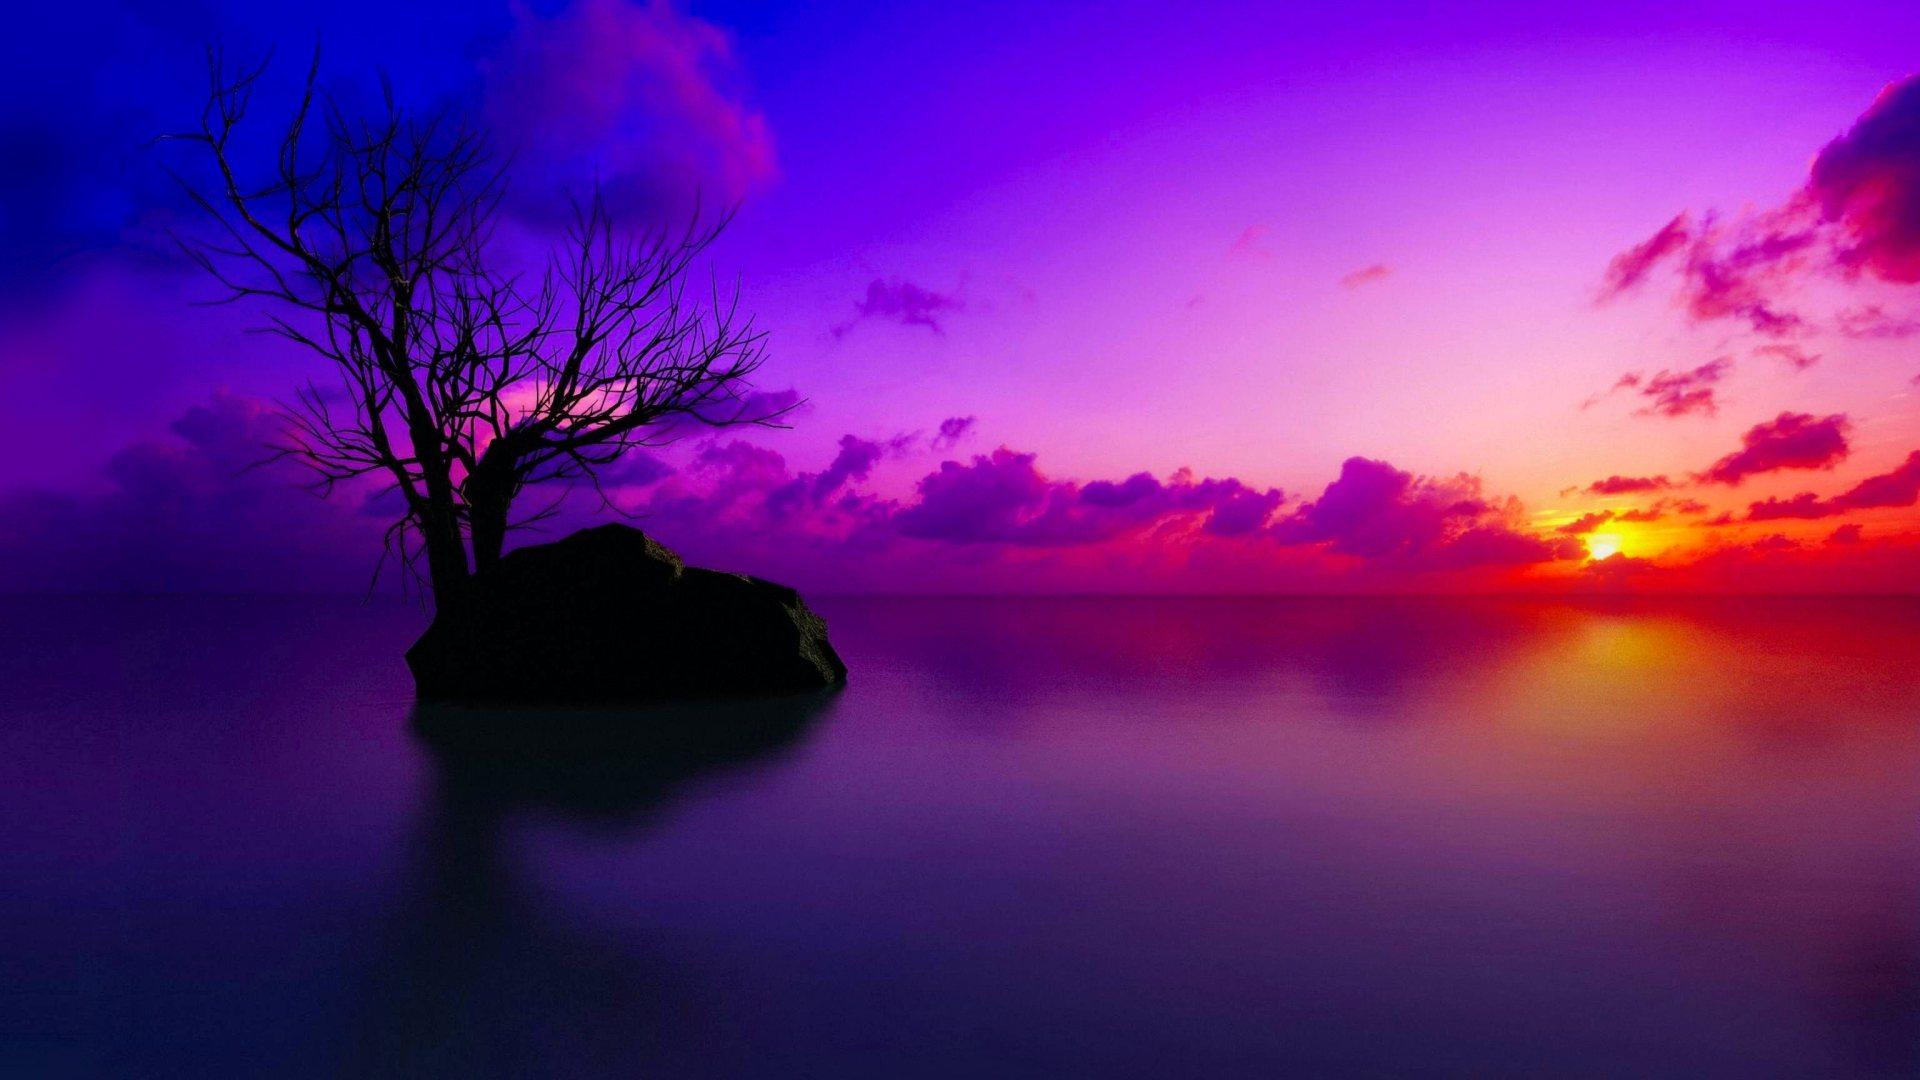 ÜÇÜNCÜ ANTLAŞMA Bölüm 30... Ruhun Reenkarnasyonlar Yoluyla Gelişmesi